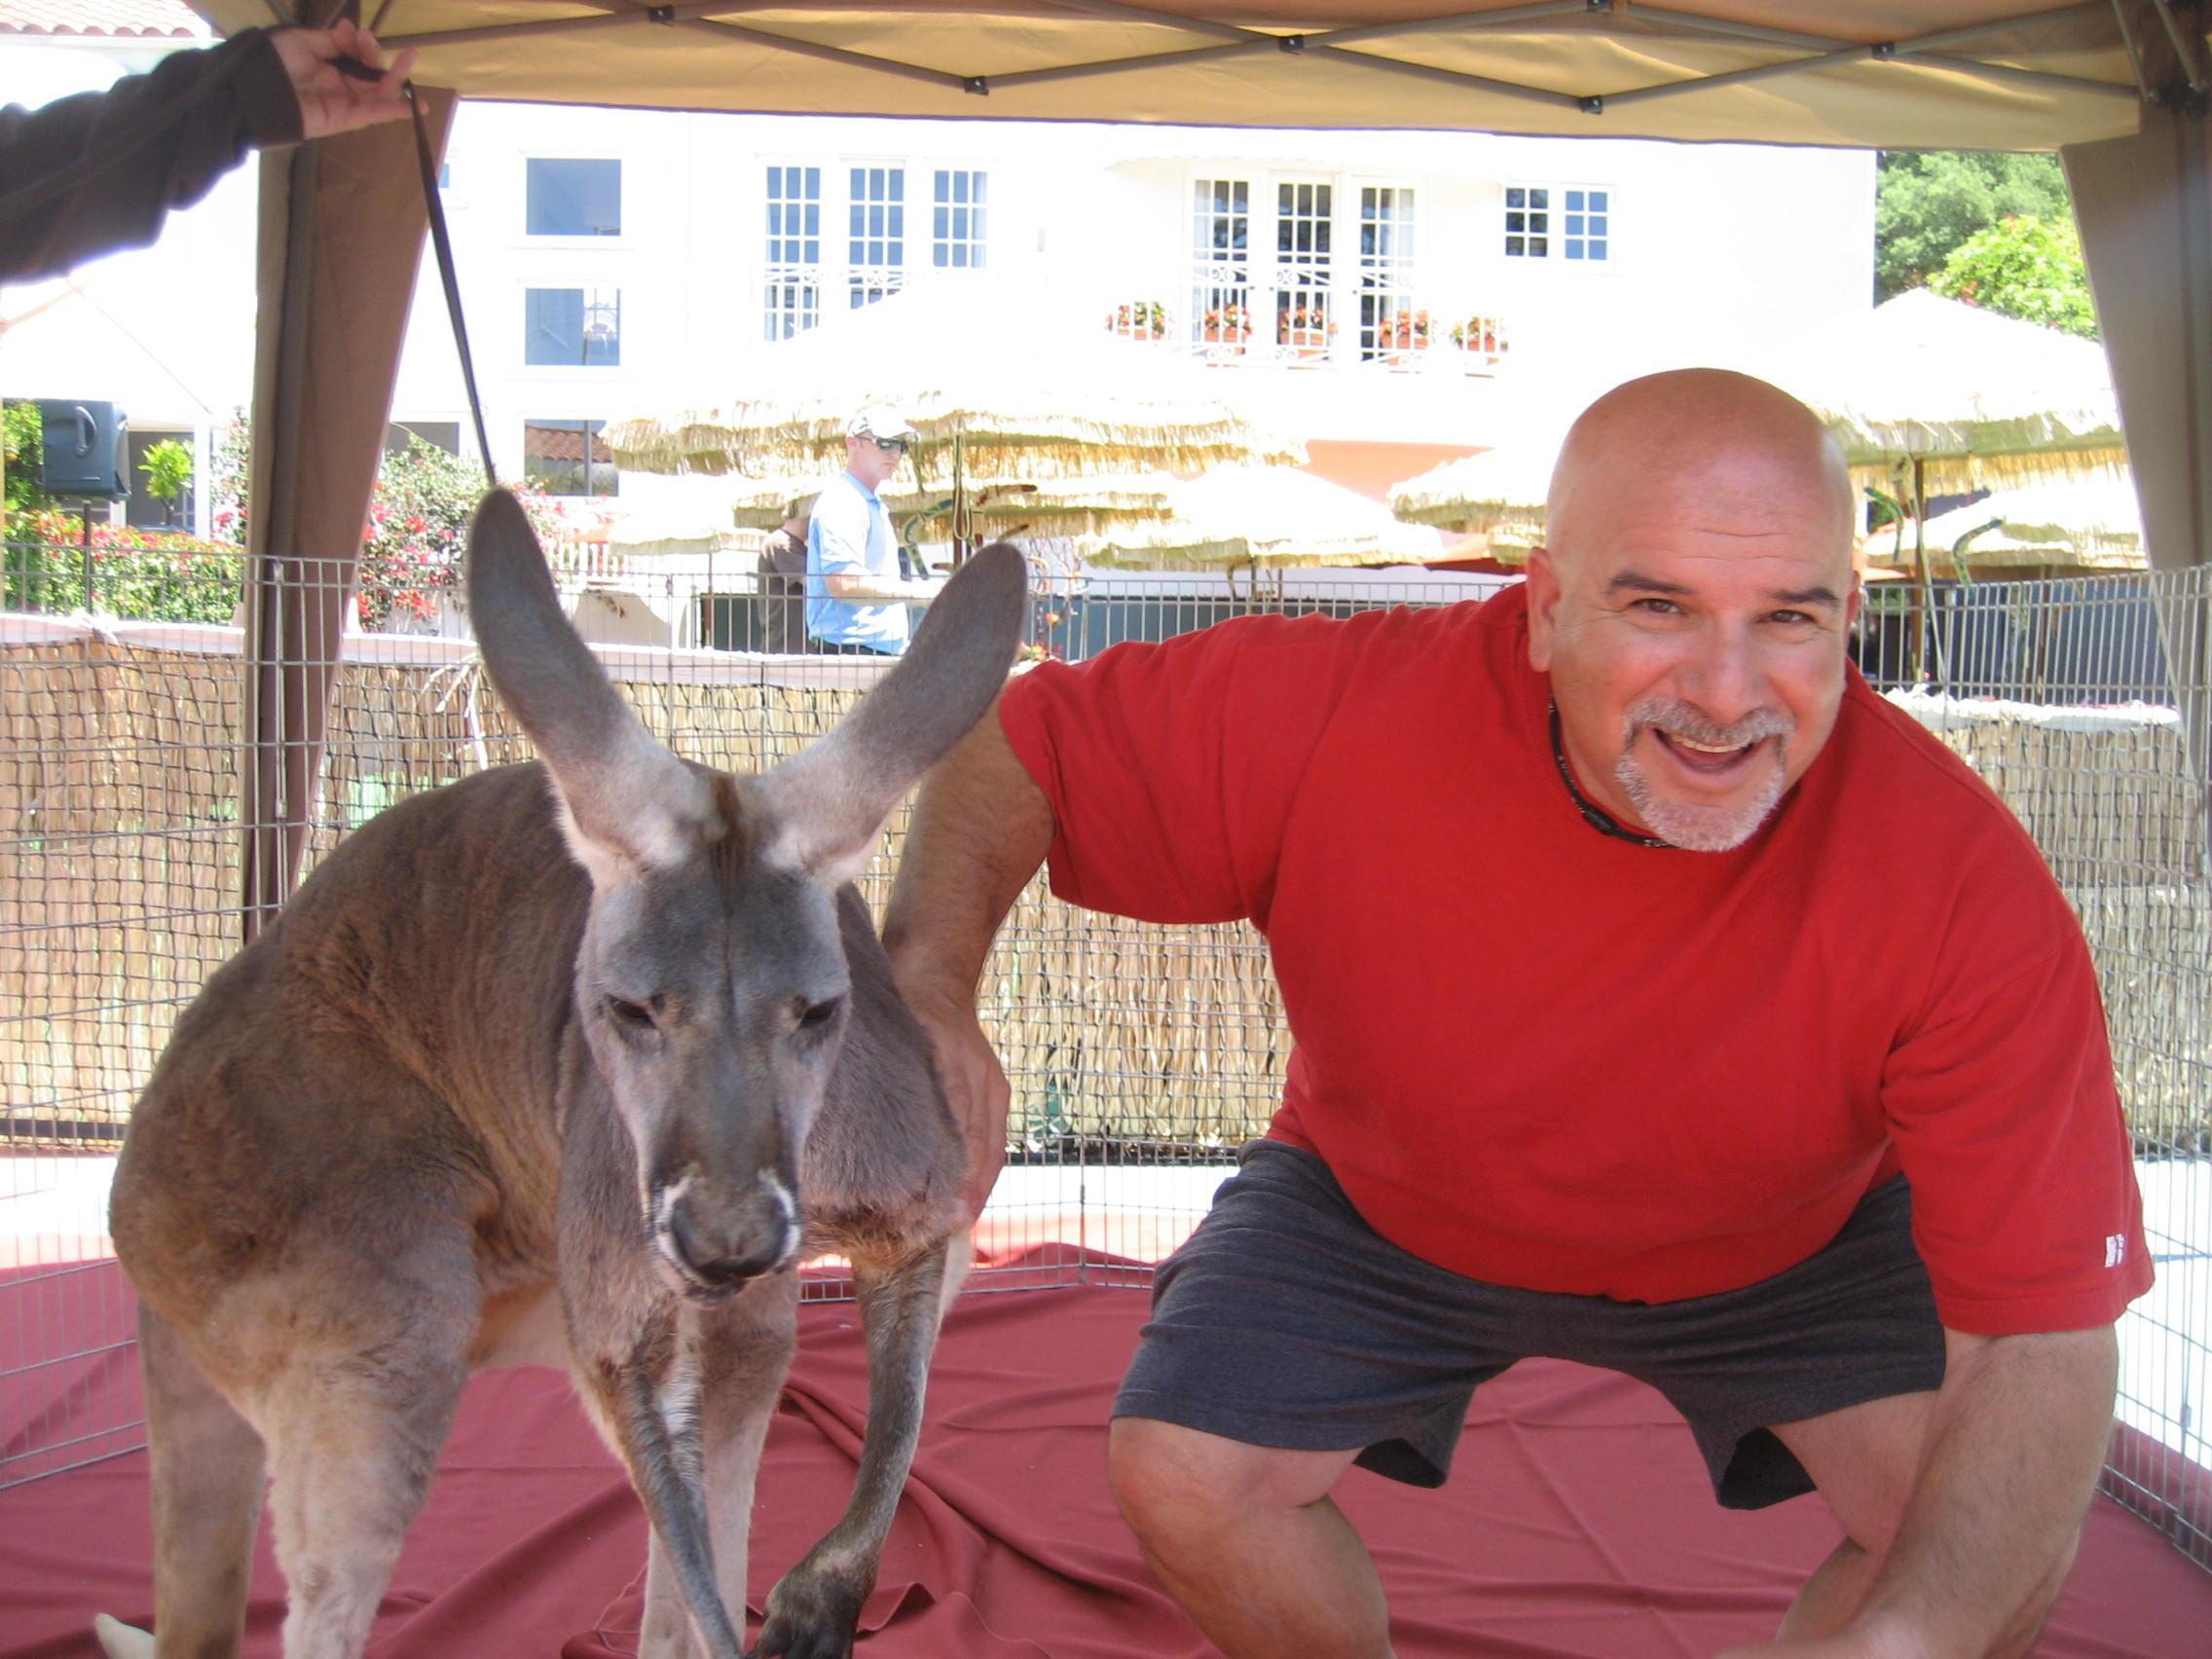 IMG 26632 - Kangaroos